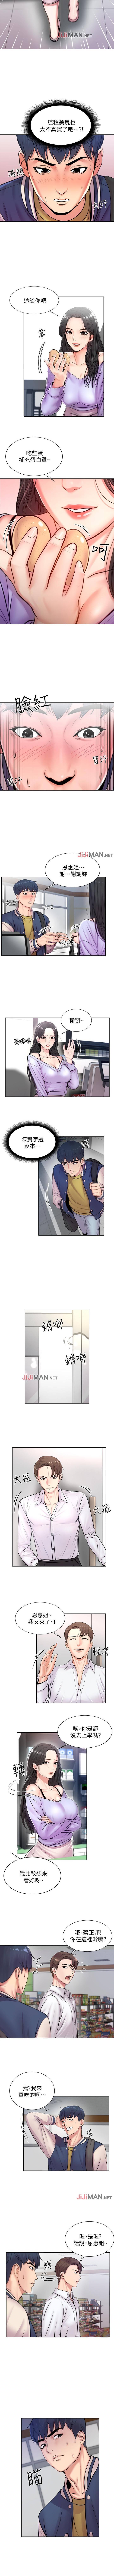 【周三连载】超市的漂亮姐姐(作者:北鼻&逃兵) 第1~40话 5